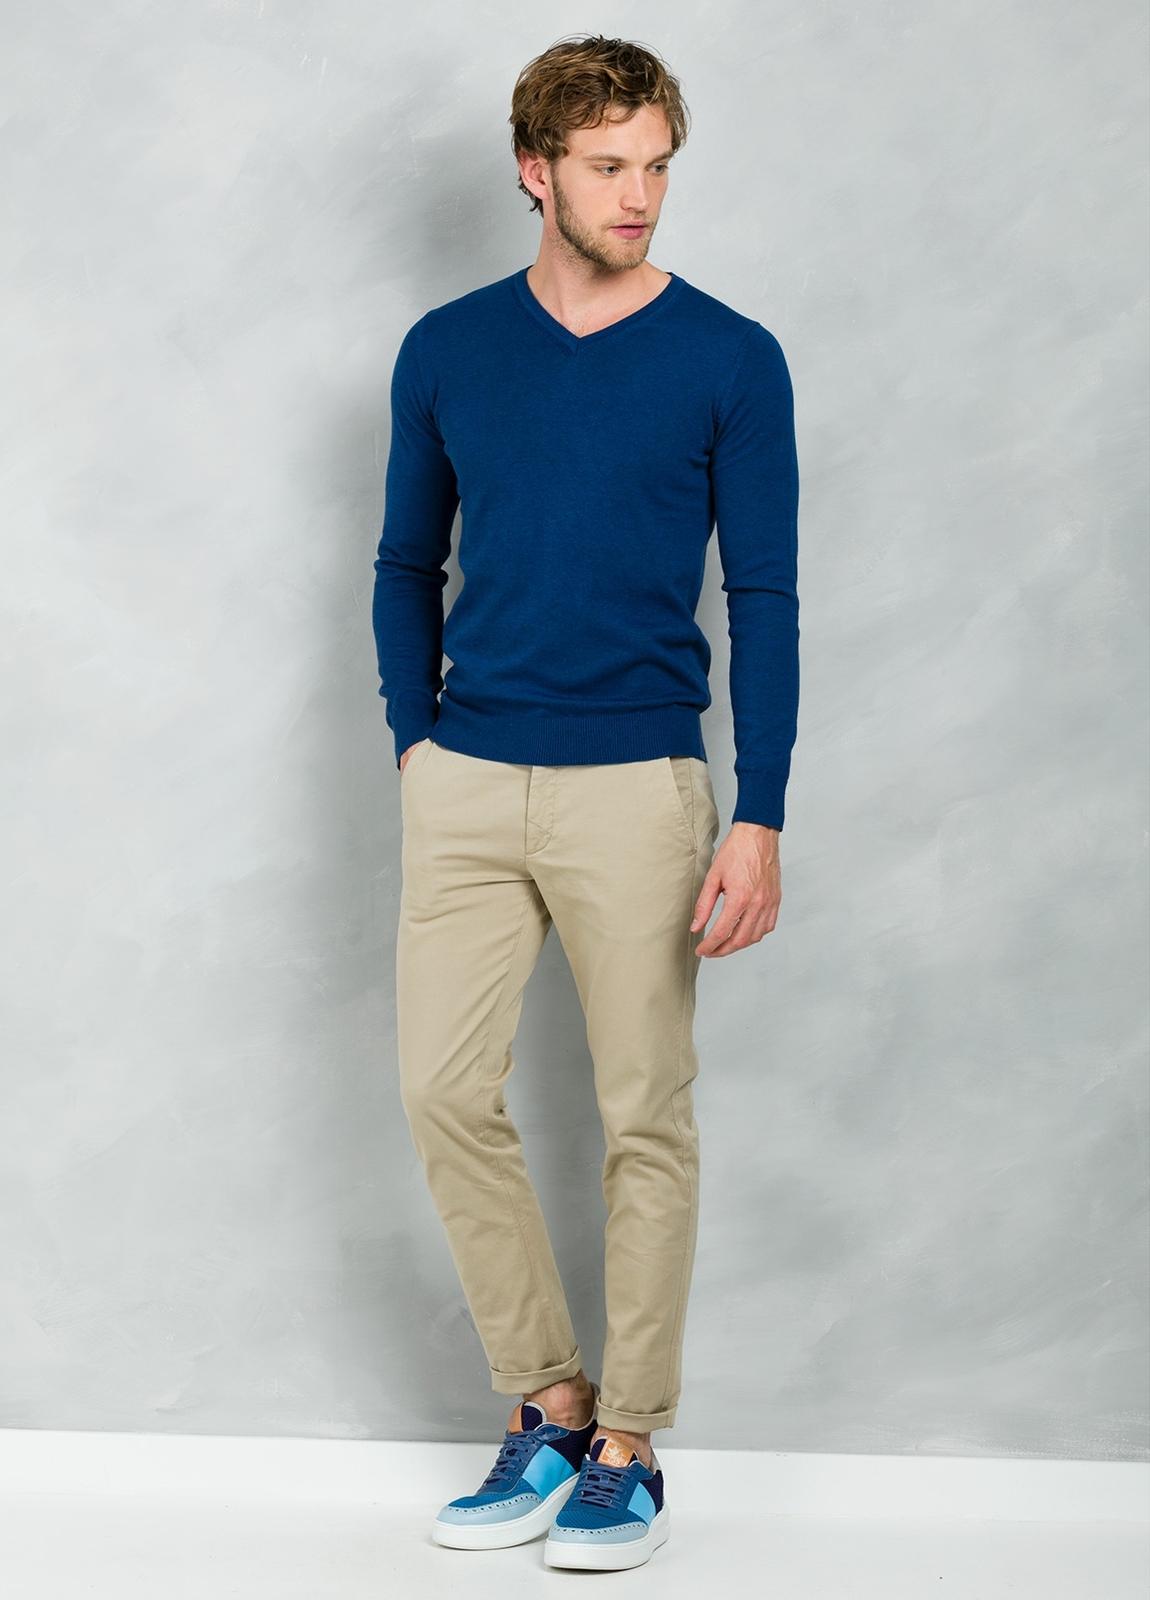 Jersey Casual Wear, SLIM FIT cuello pico color azul, 100% algodón.